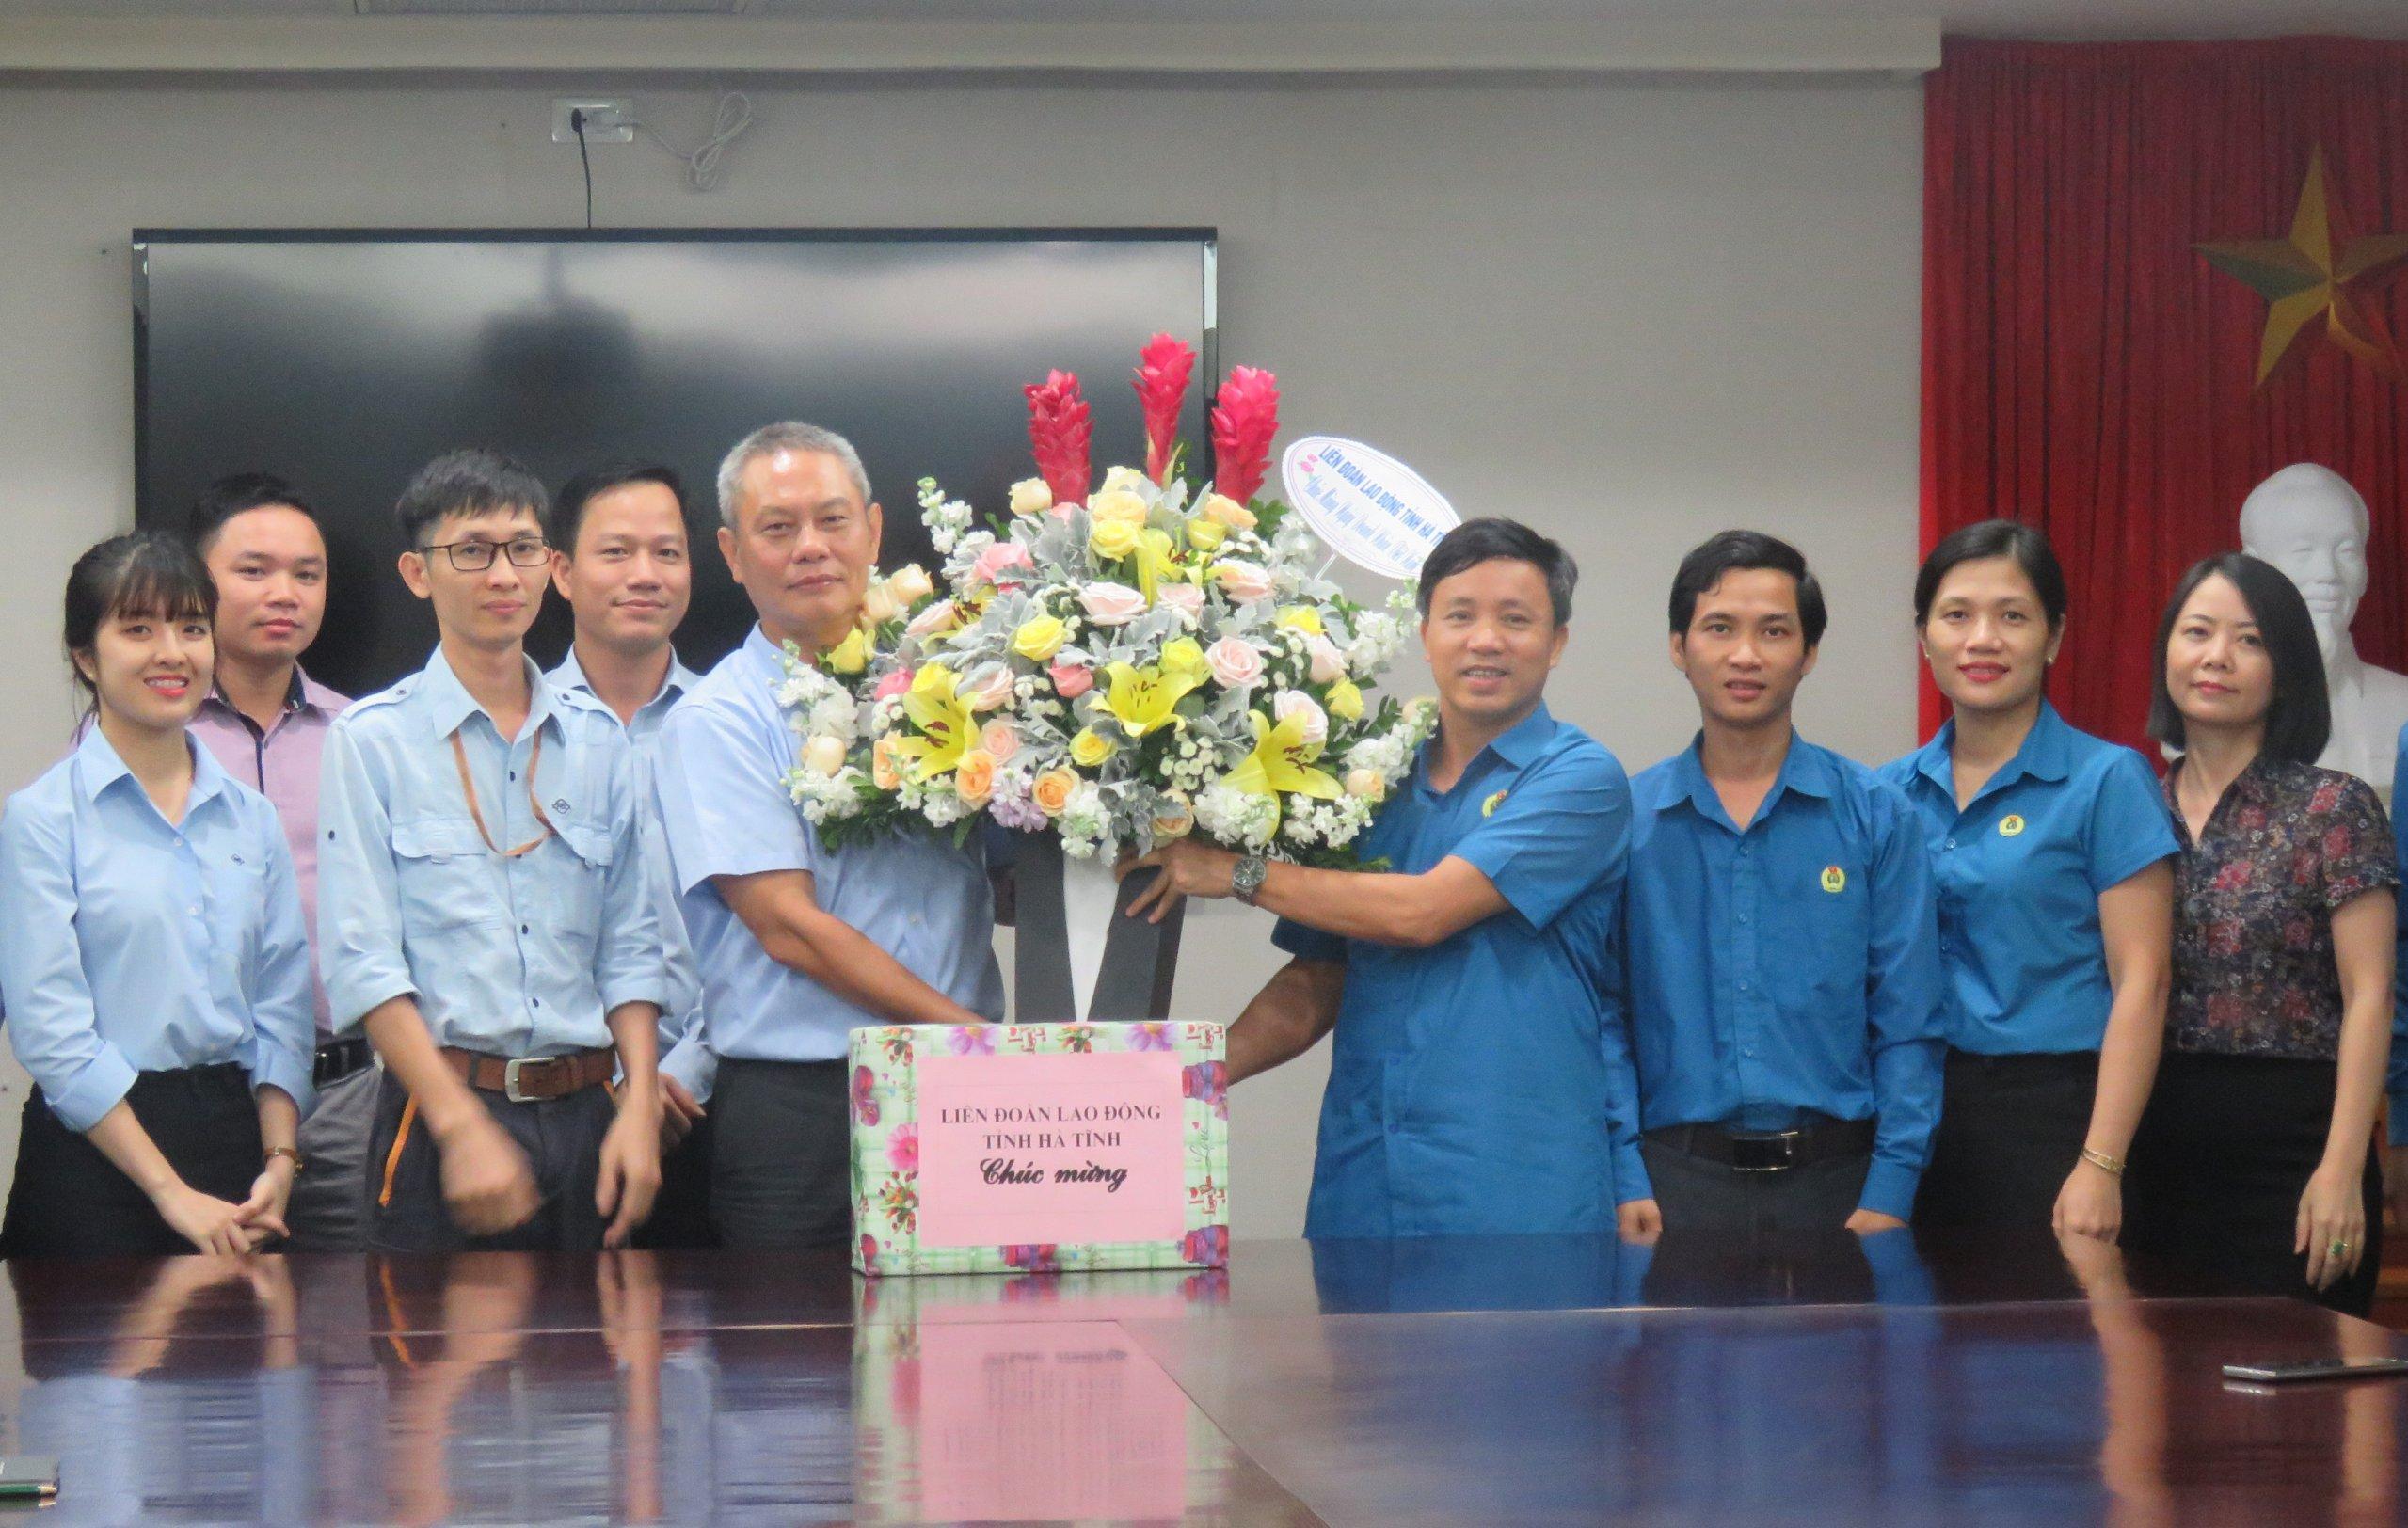 LĐLĐ tỉnh: Chúc mừng doanh nghiệp nhân Ngày Doanh nhân Việt Nam